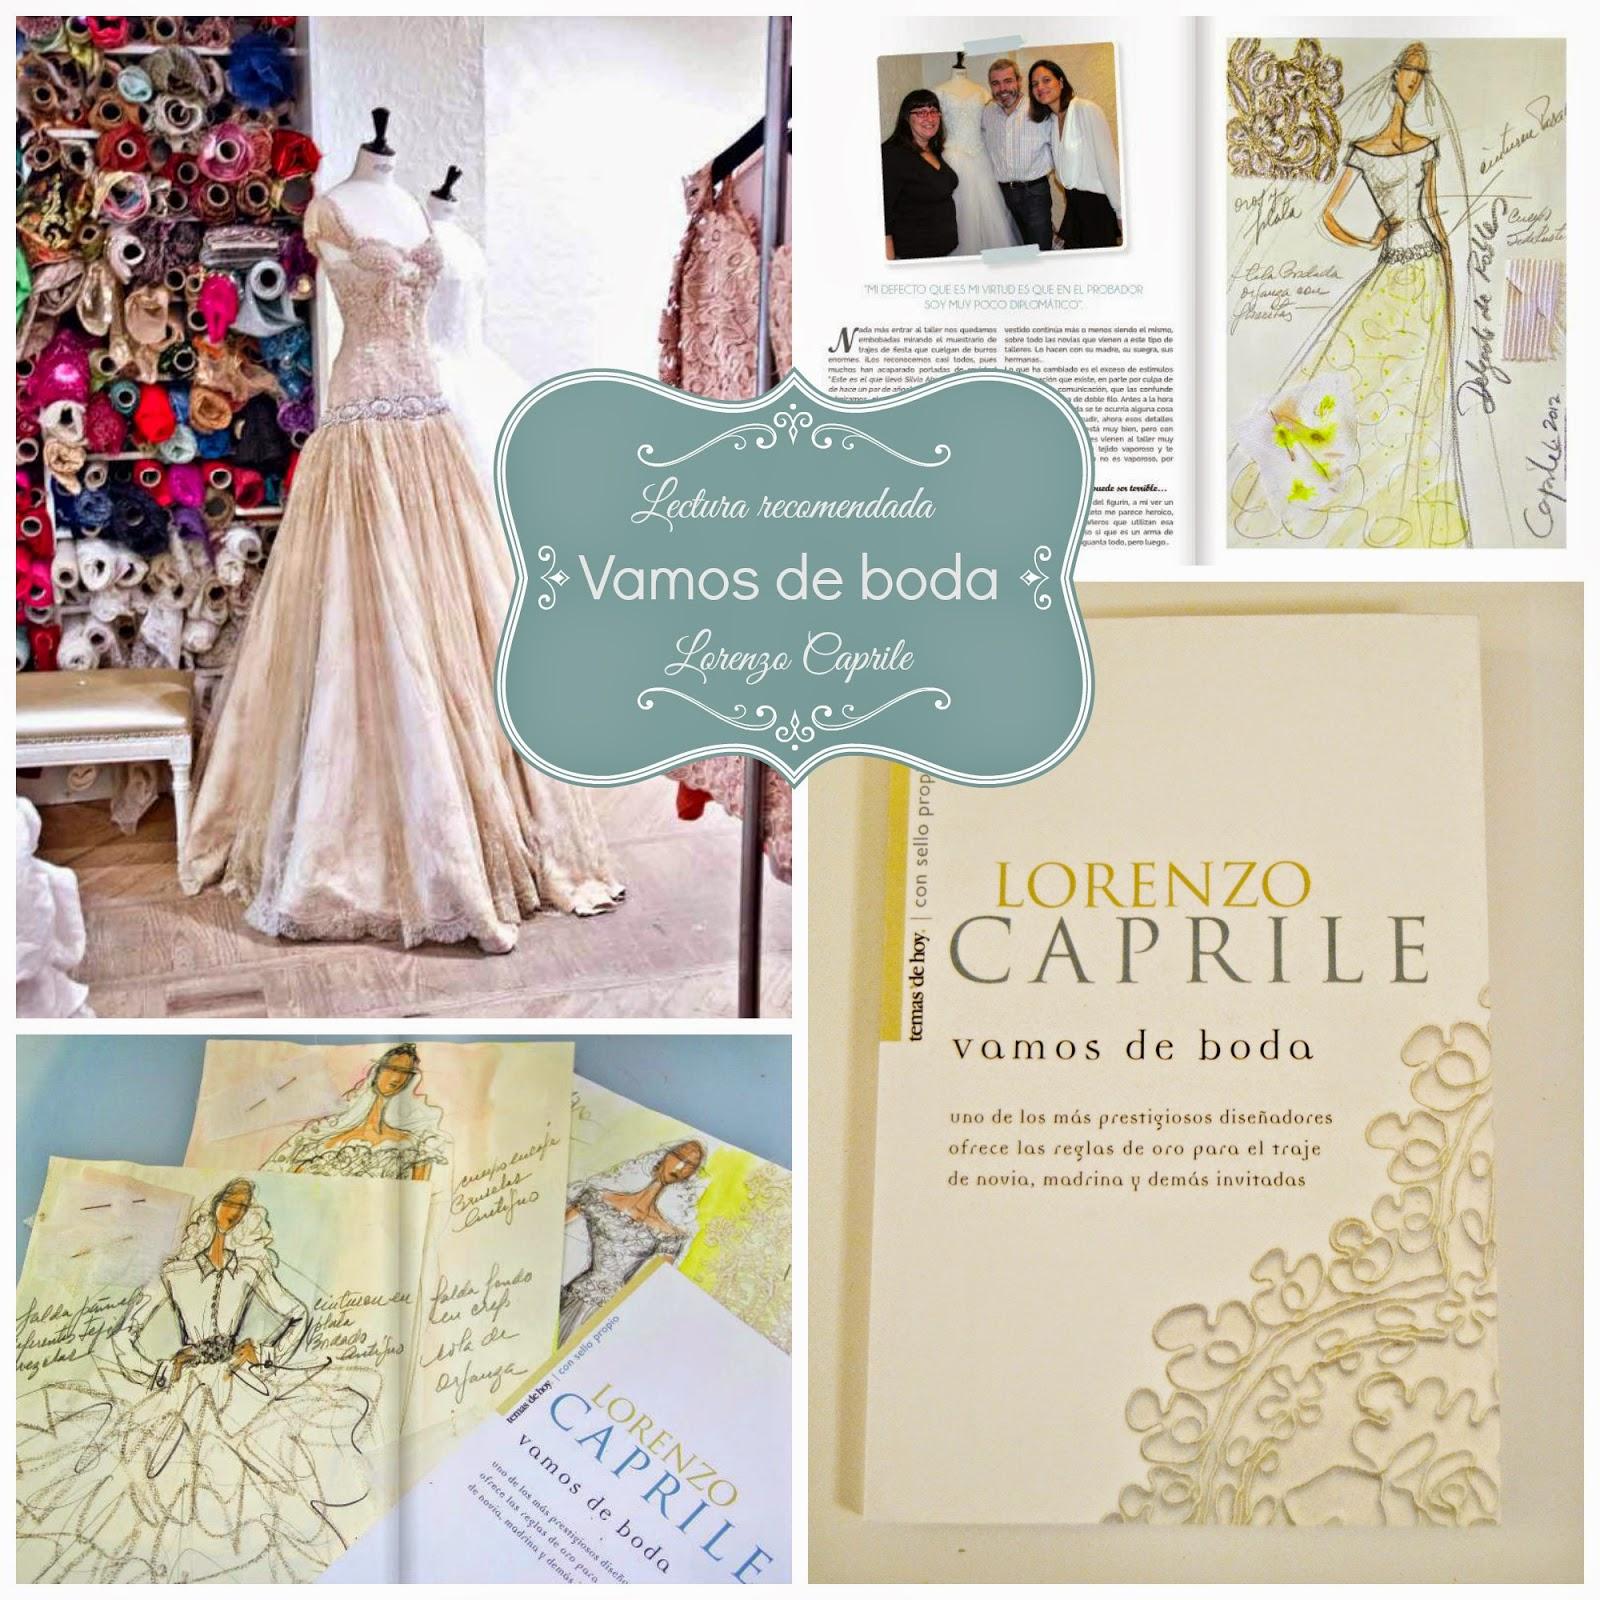 vamos de boda libro entrevista lorenzo caprile atelier blog bodas mi boda gratis